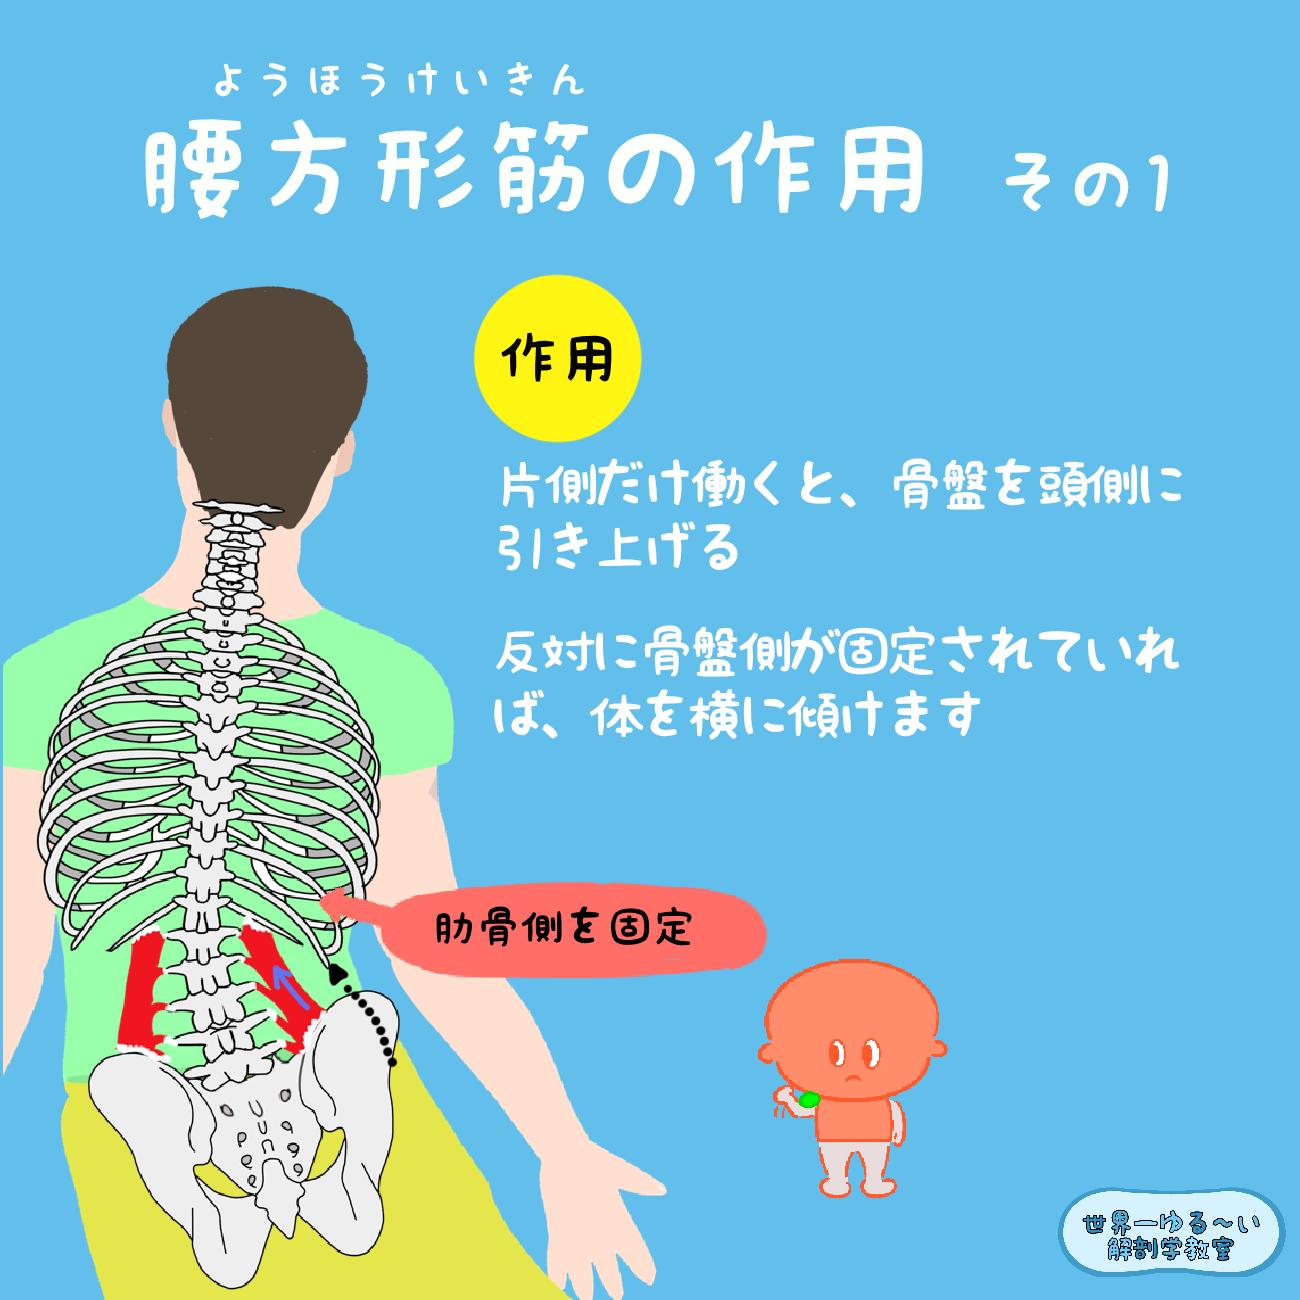 筋 腰 方形 腰の筋肉 【腰方形筋】その機能とストレッチ、マッサージや整体の詳細  